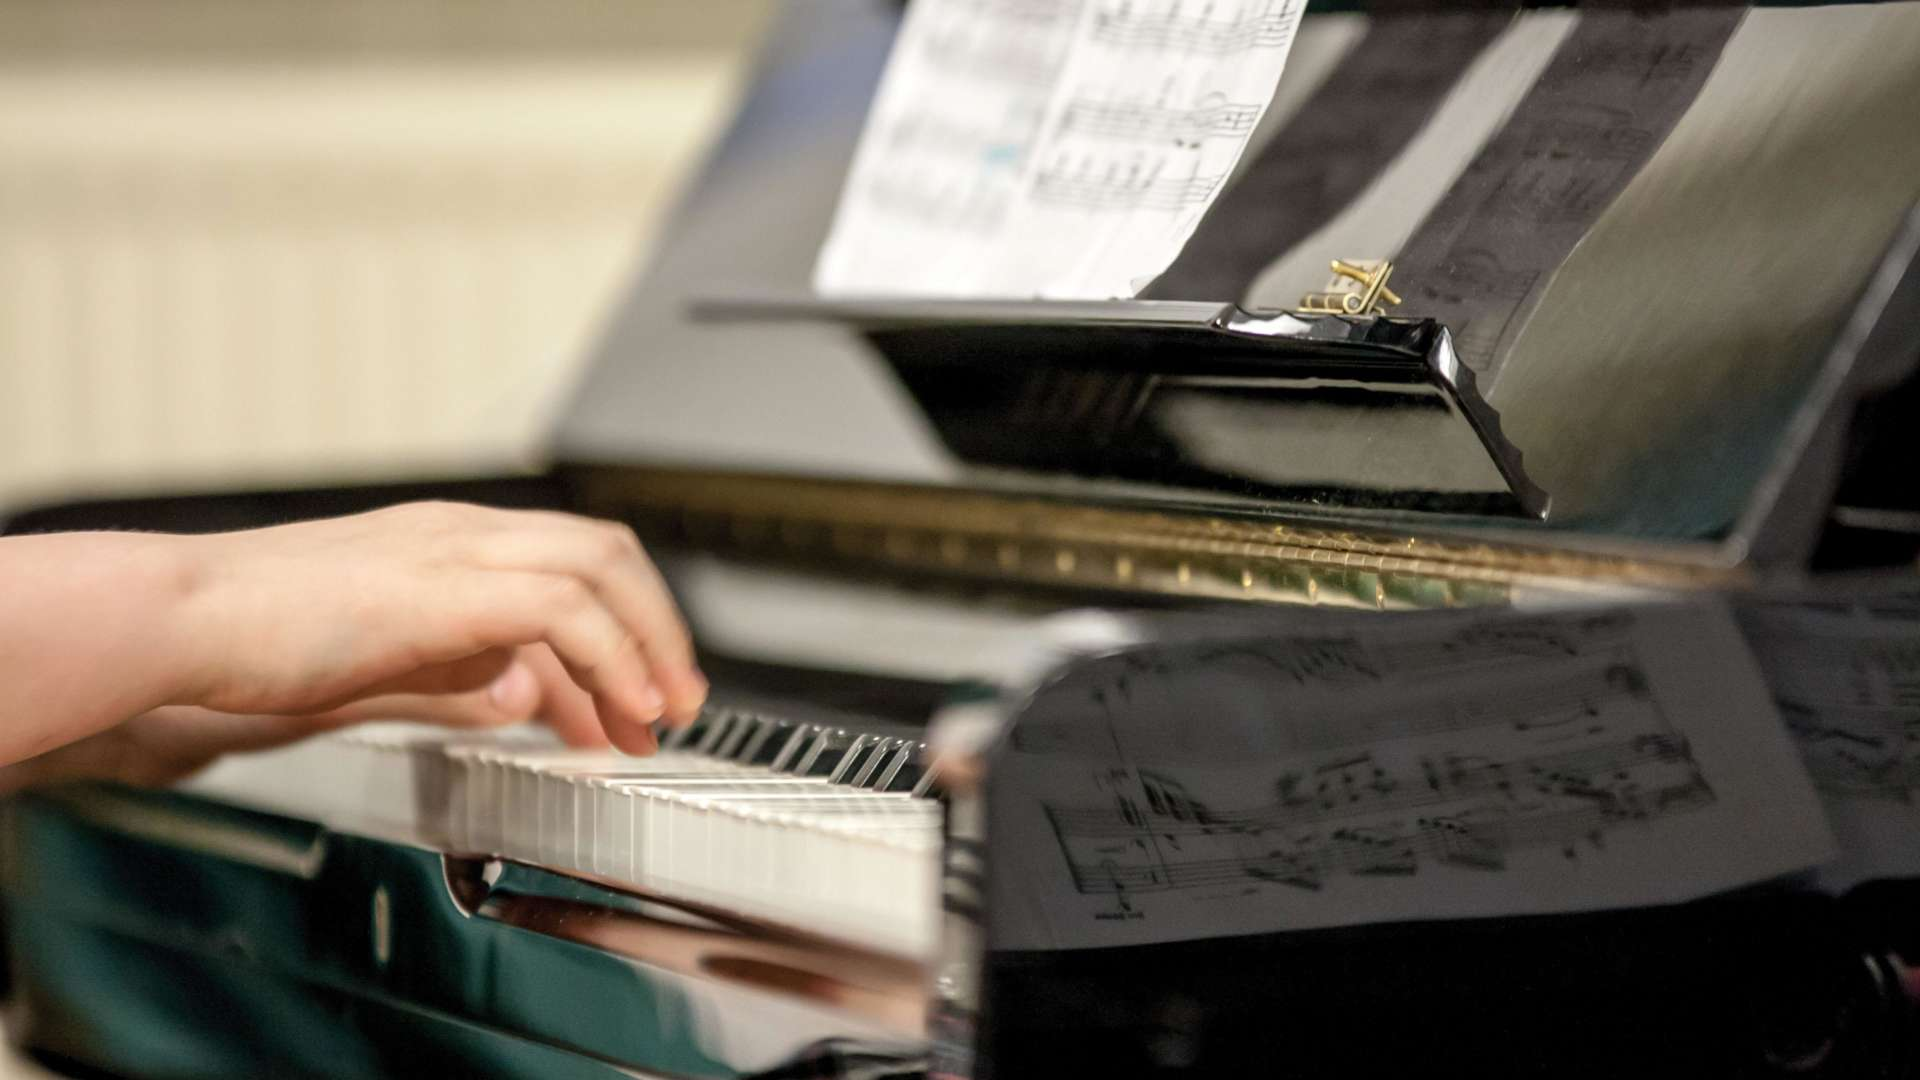 Pianistin kädet pianon koskettimilla.